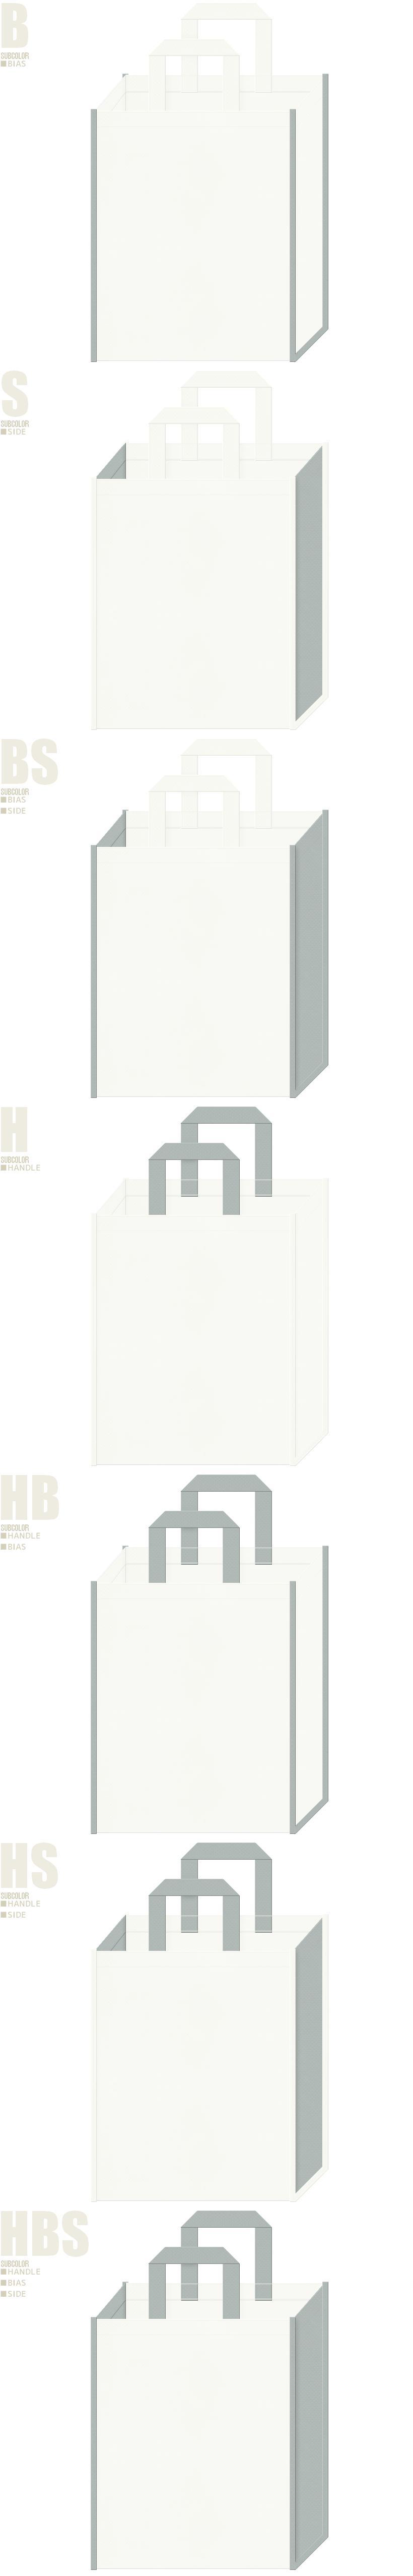 都市計画・建築・設計・ビルメンテナンス・文具の展示会用バッグ、税務・行政セミナーの資料配布用バッグにお奨めです。オフホワイト色とグレー色の不織布バッグ配色7パターンのデザイン。